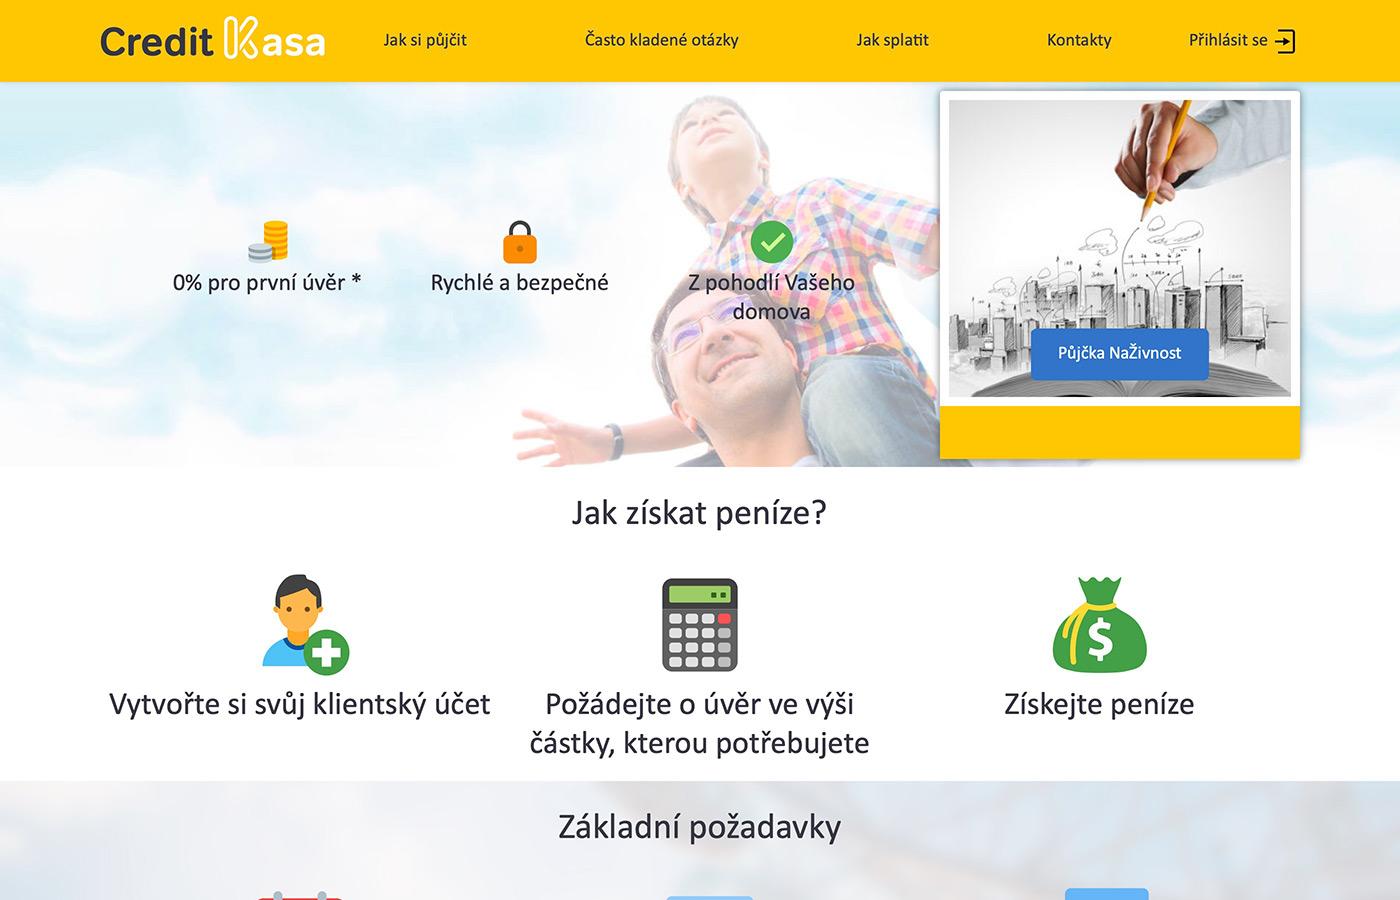 Náhled webových stránek www.creditkasa.com